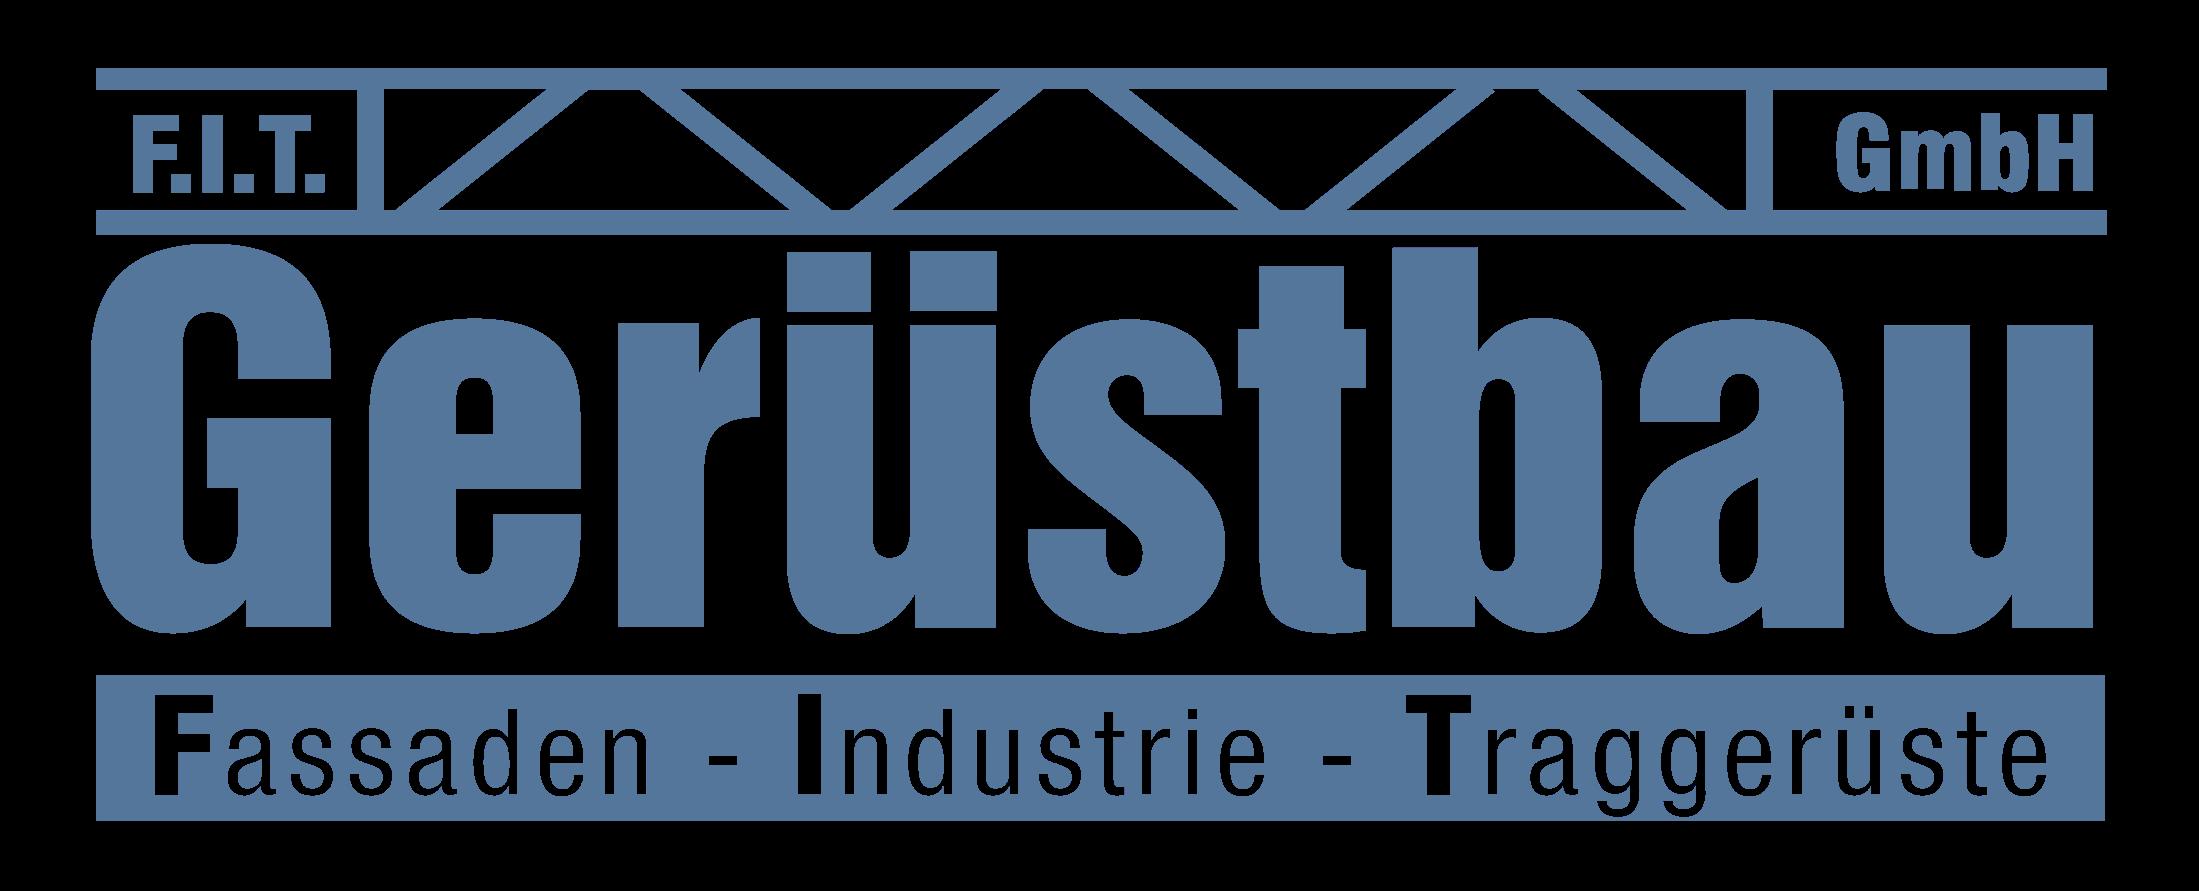 F.I.T. Gerüstbau GmbH